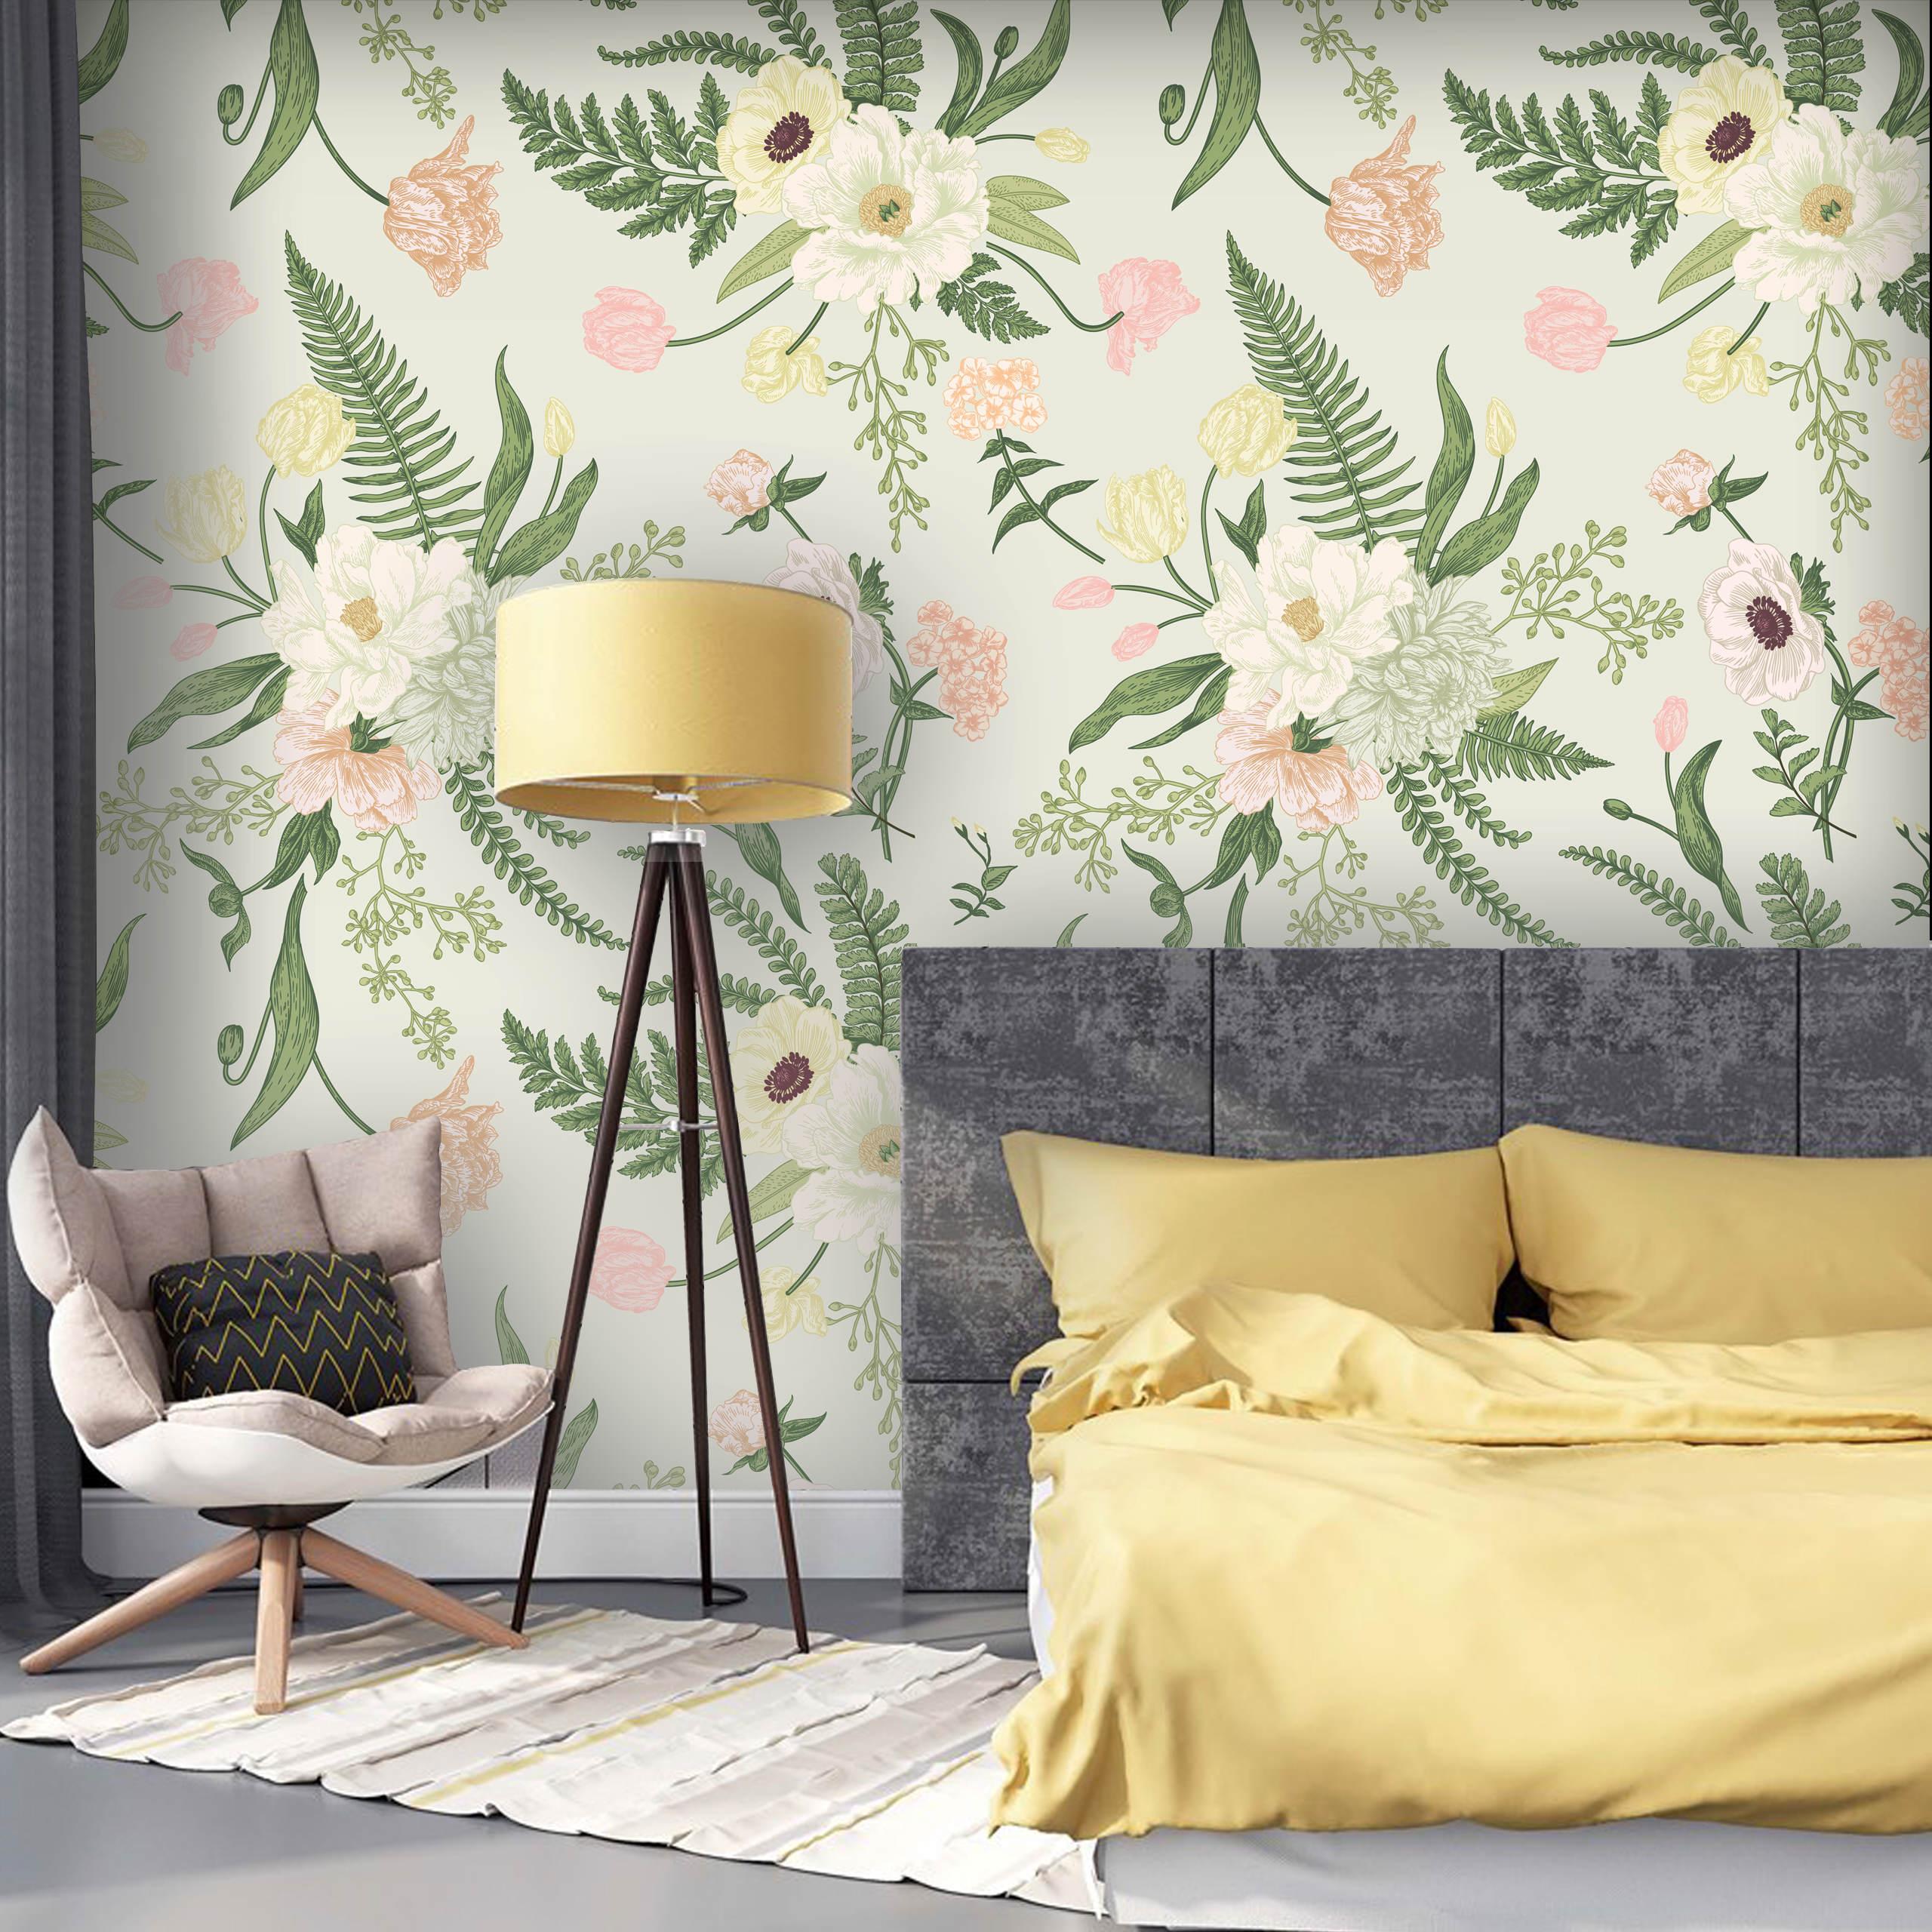 fototapety-z-kwiatami-do-sypialni